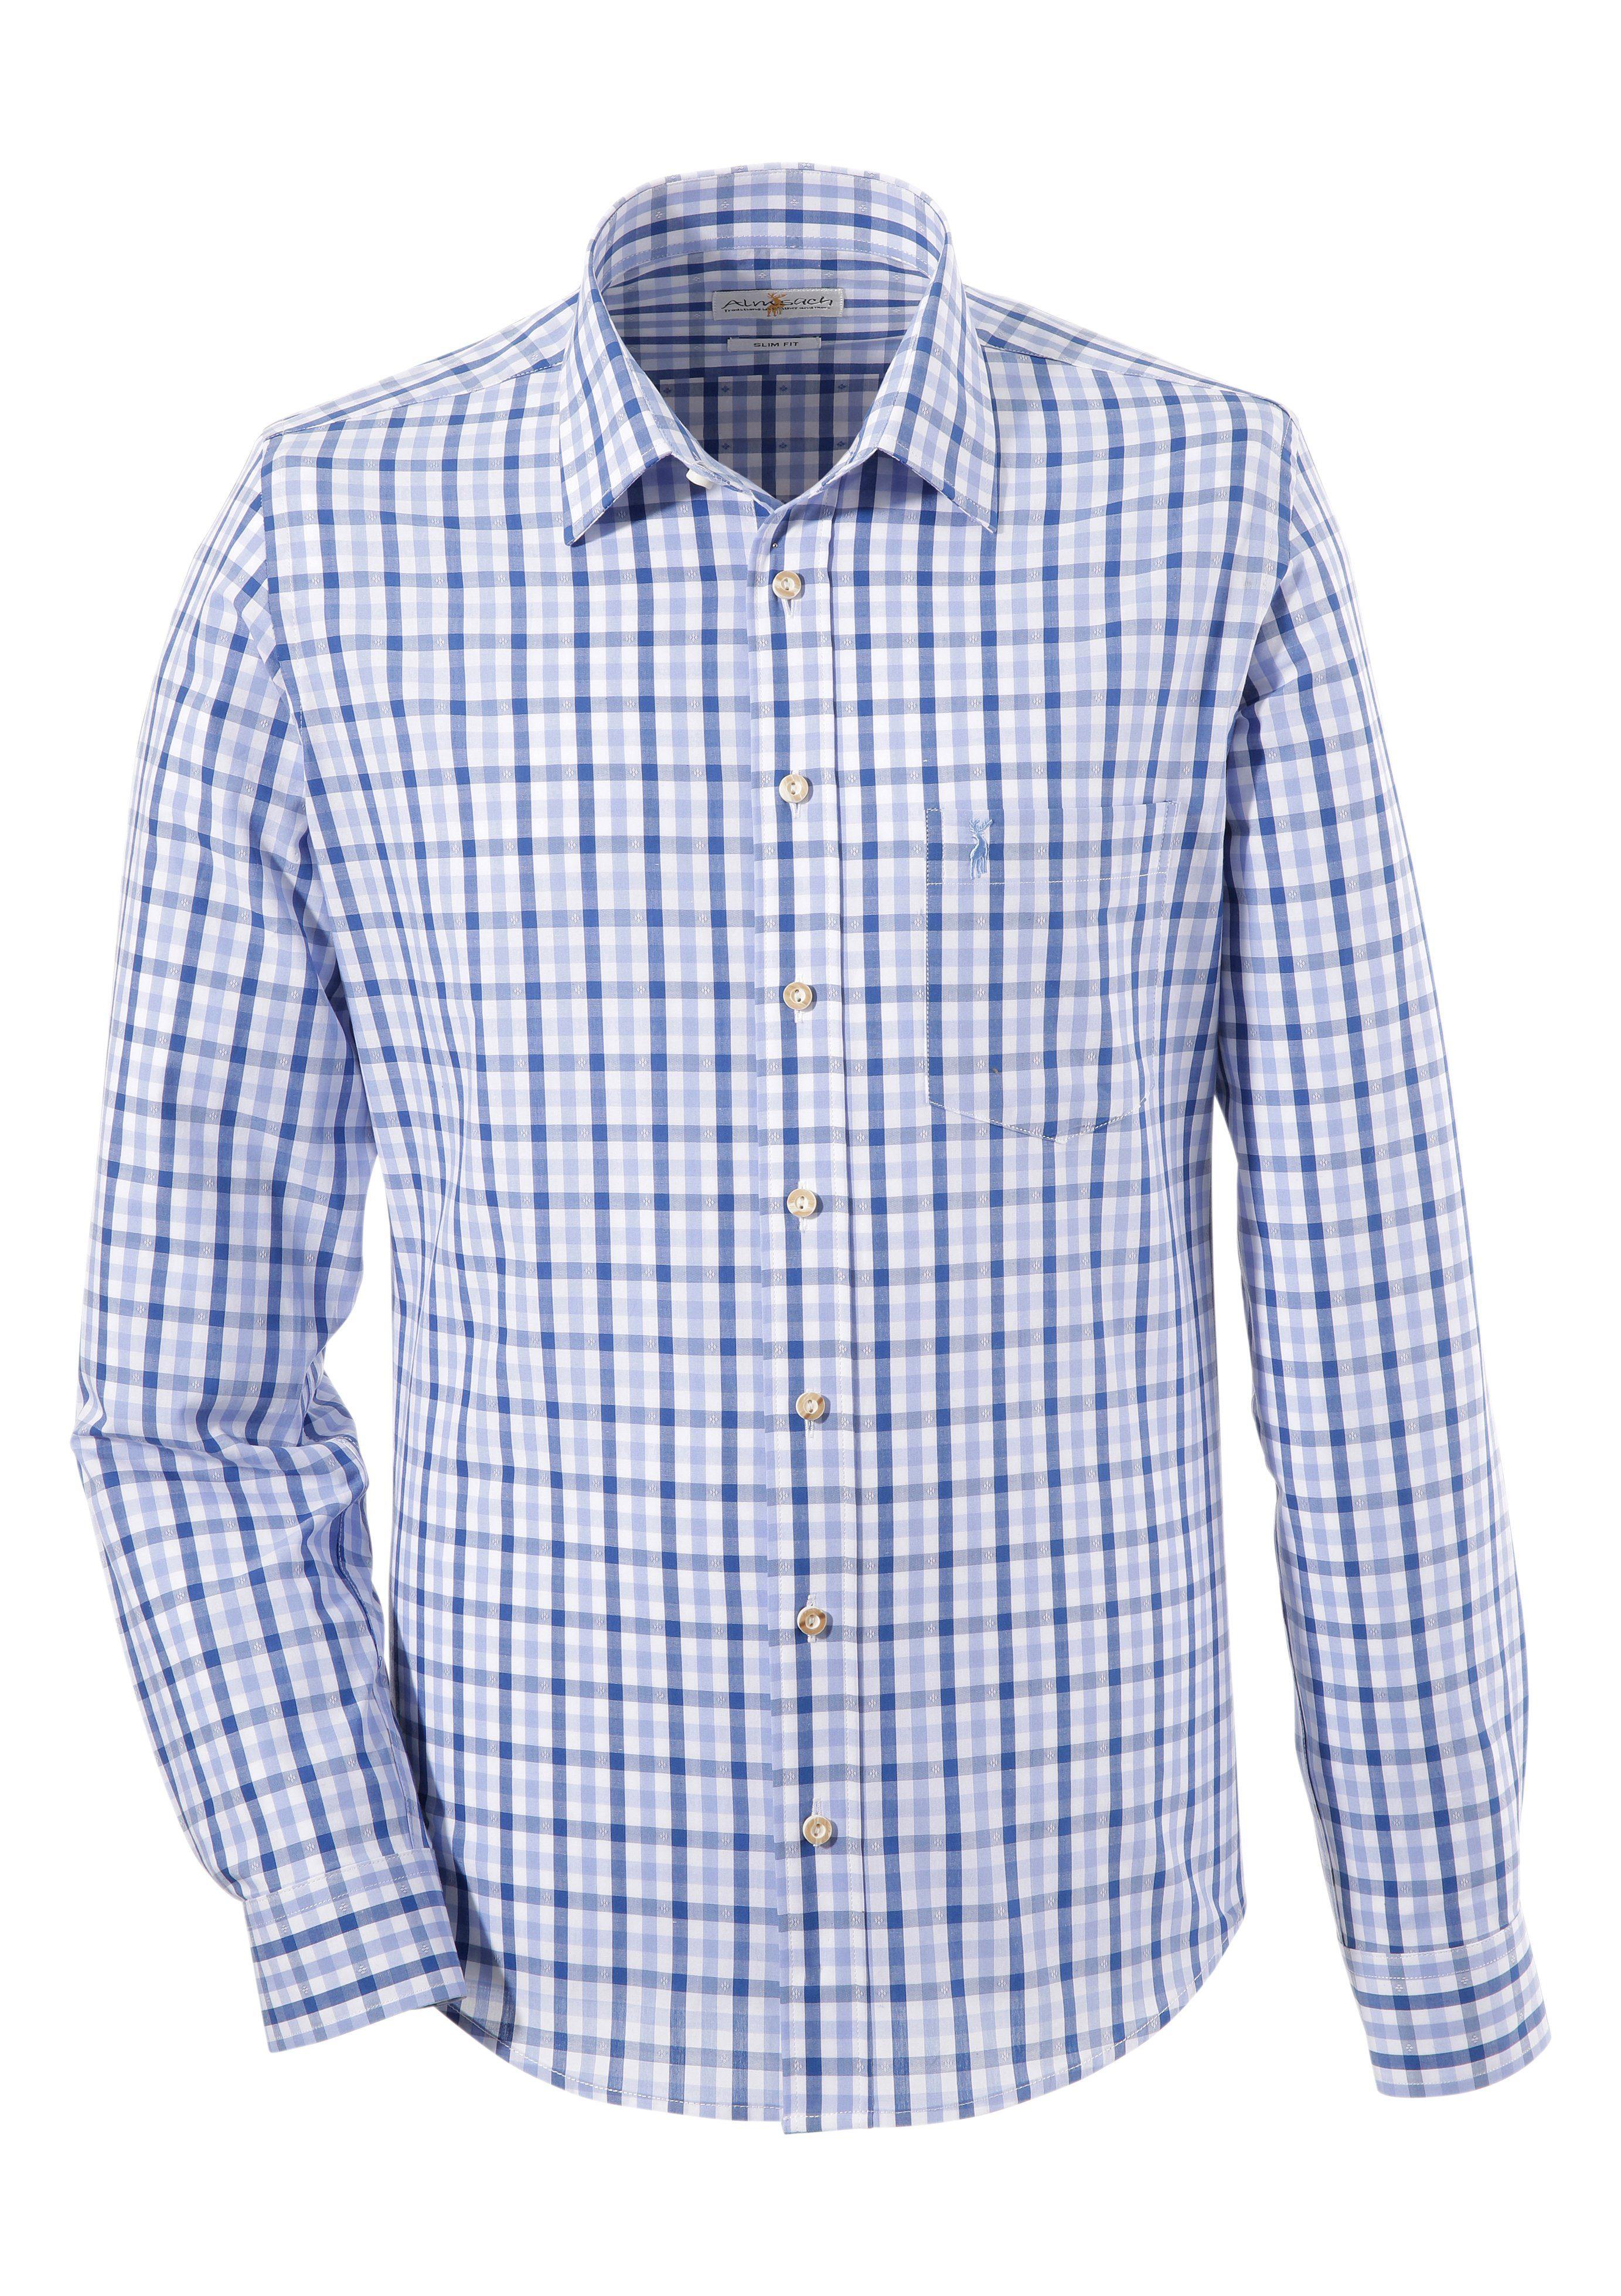 Image of Almsach Trachtenhemd in schmaler Form